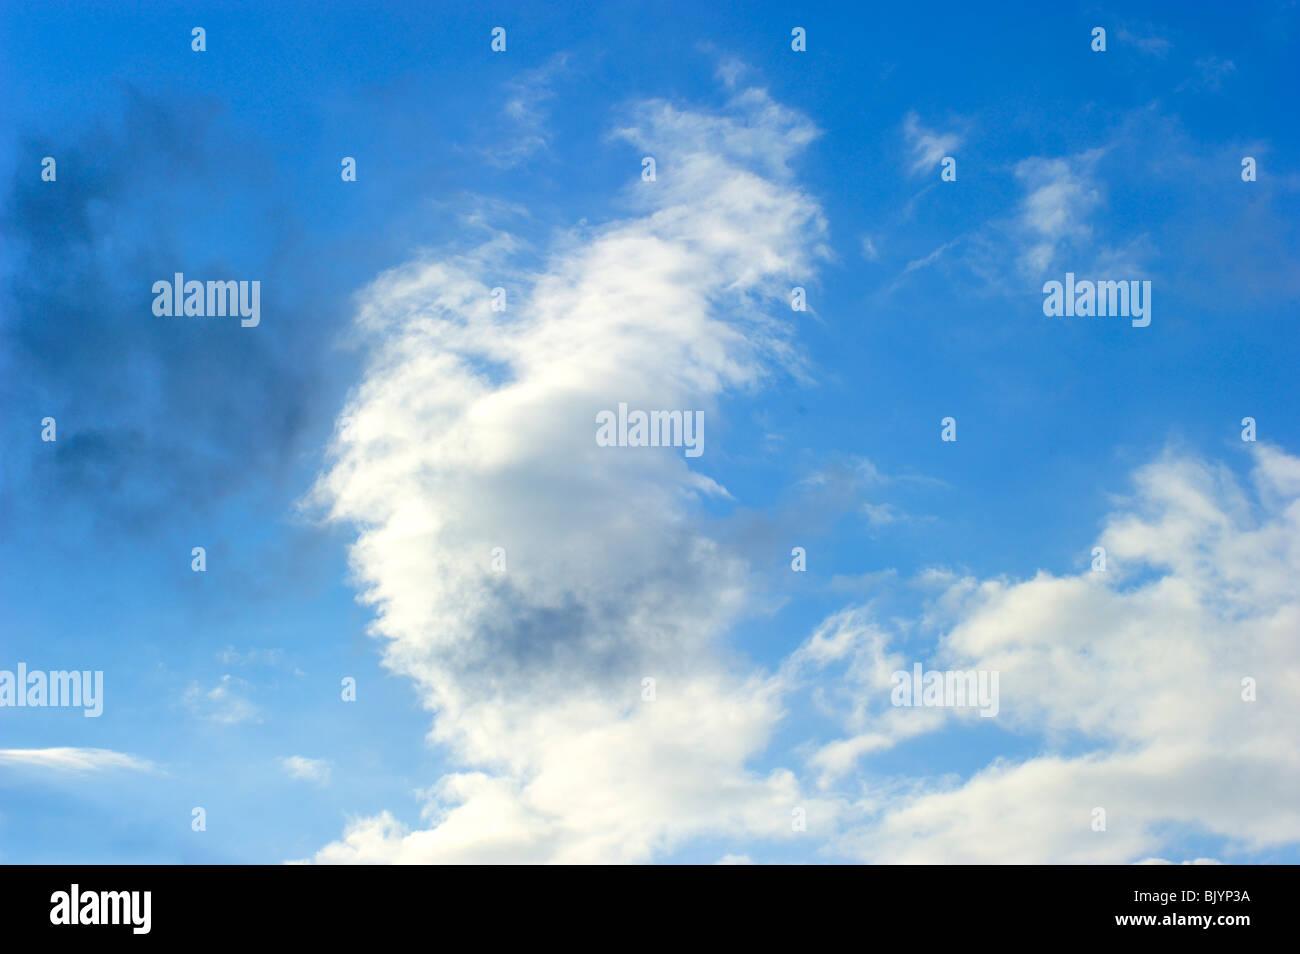 Joli ciel bleu brillant dans les nuages juste après la pluie, avec nuage noir partiellement Photo Stock